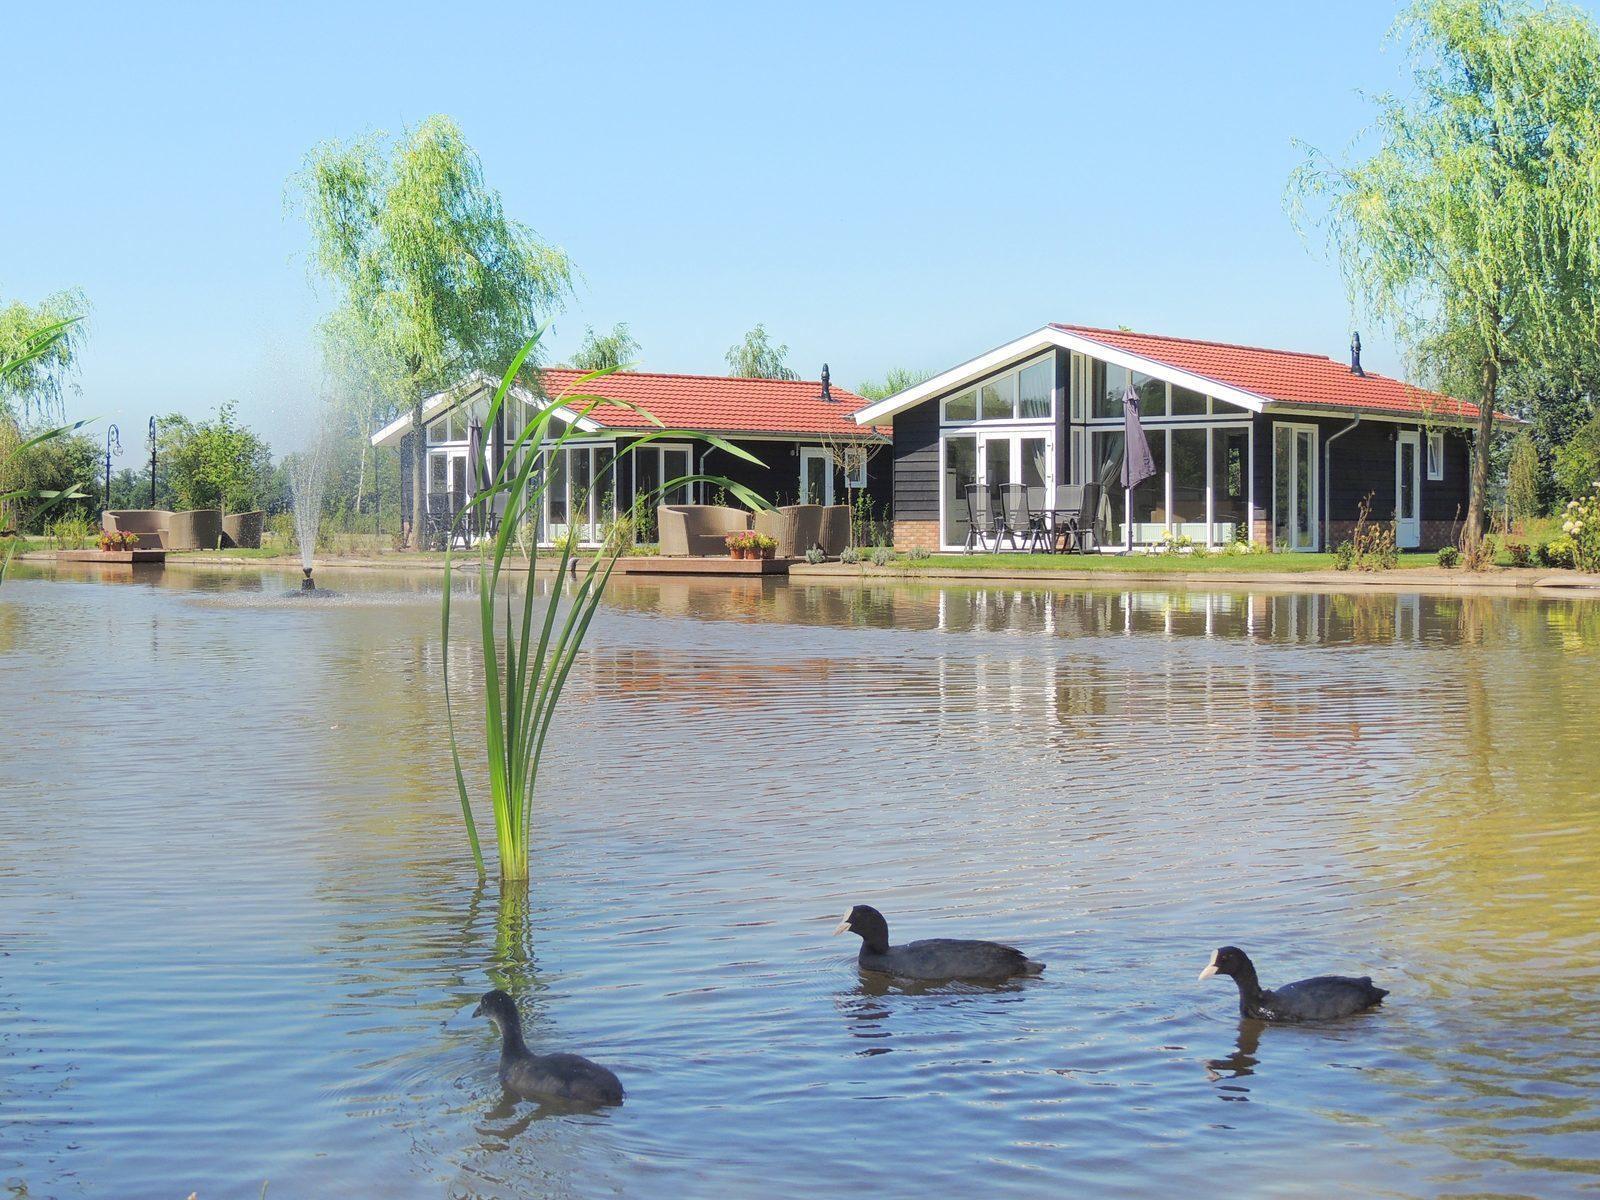 15 to 17 June: open house days in Lichtenvoorde